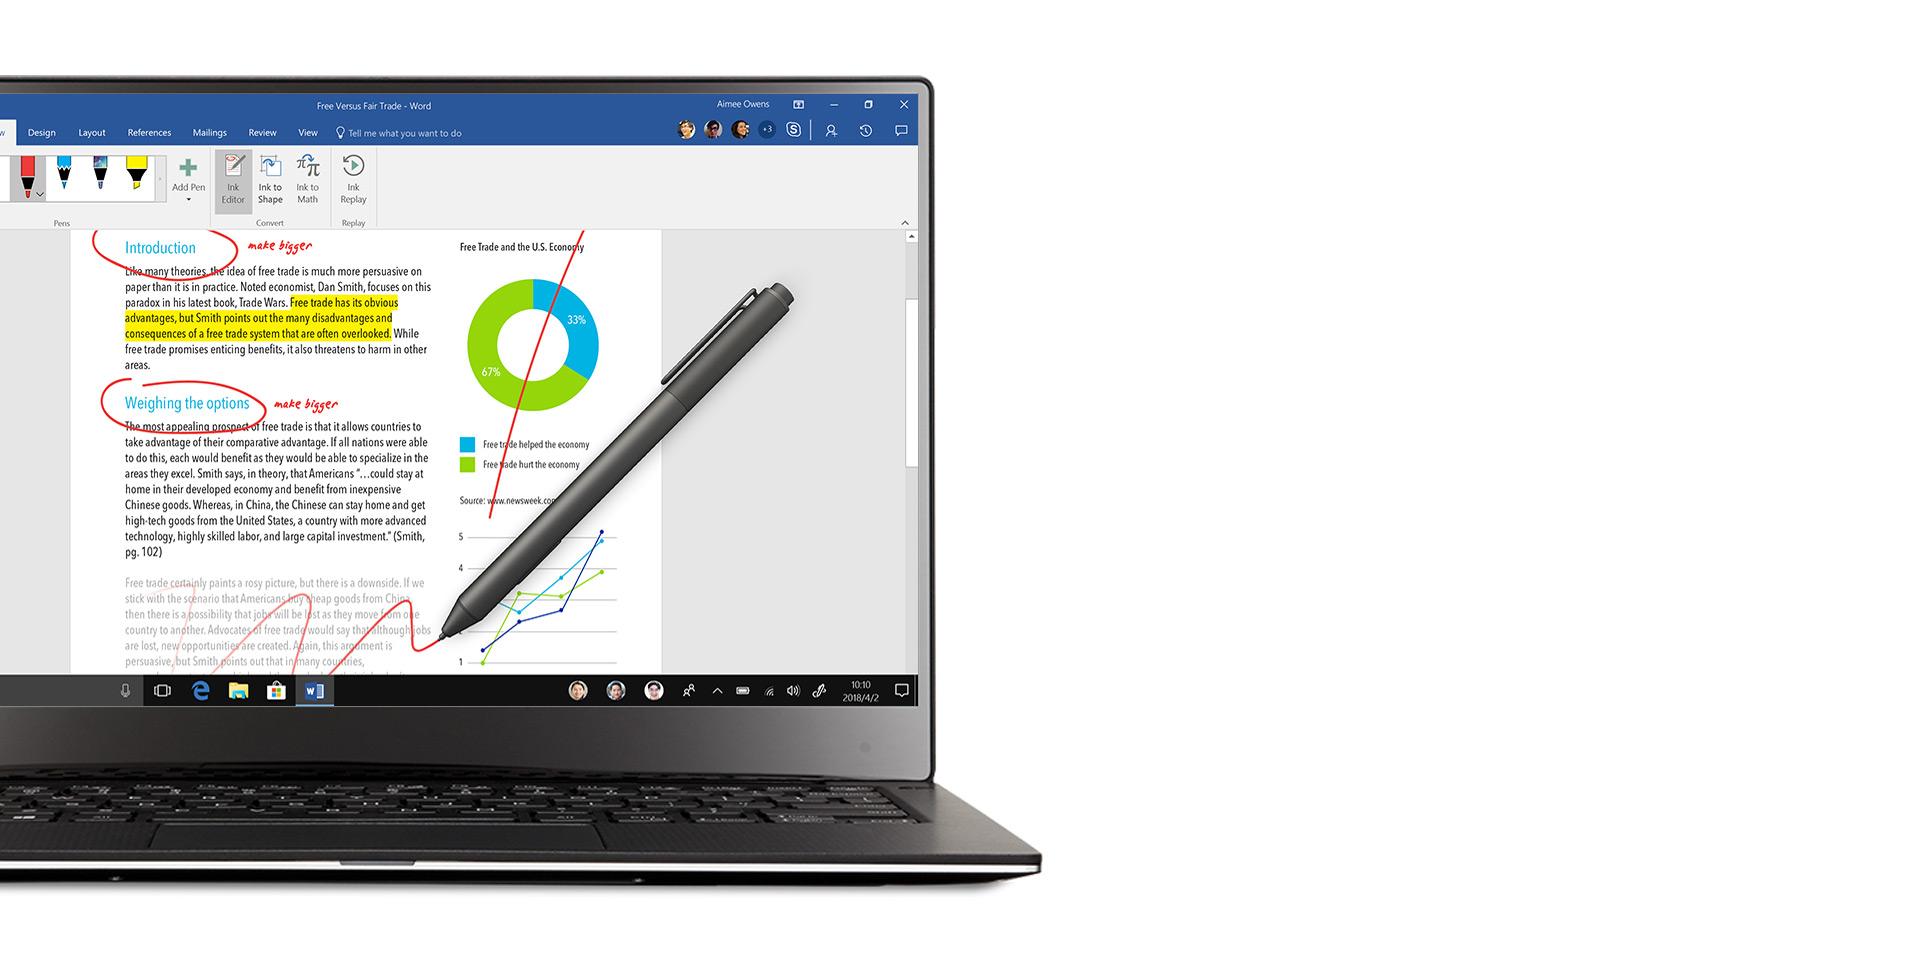 呈现 Word 屏幕的 Windows 10 笔记本电脑